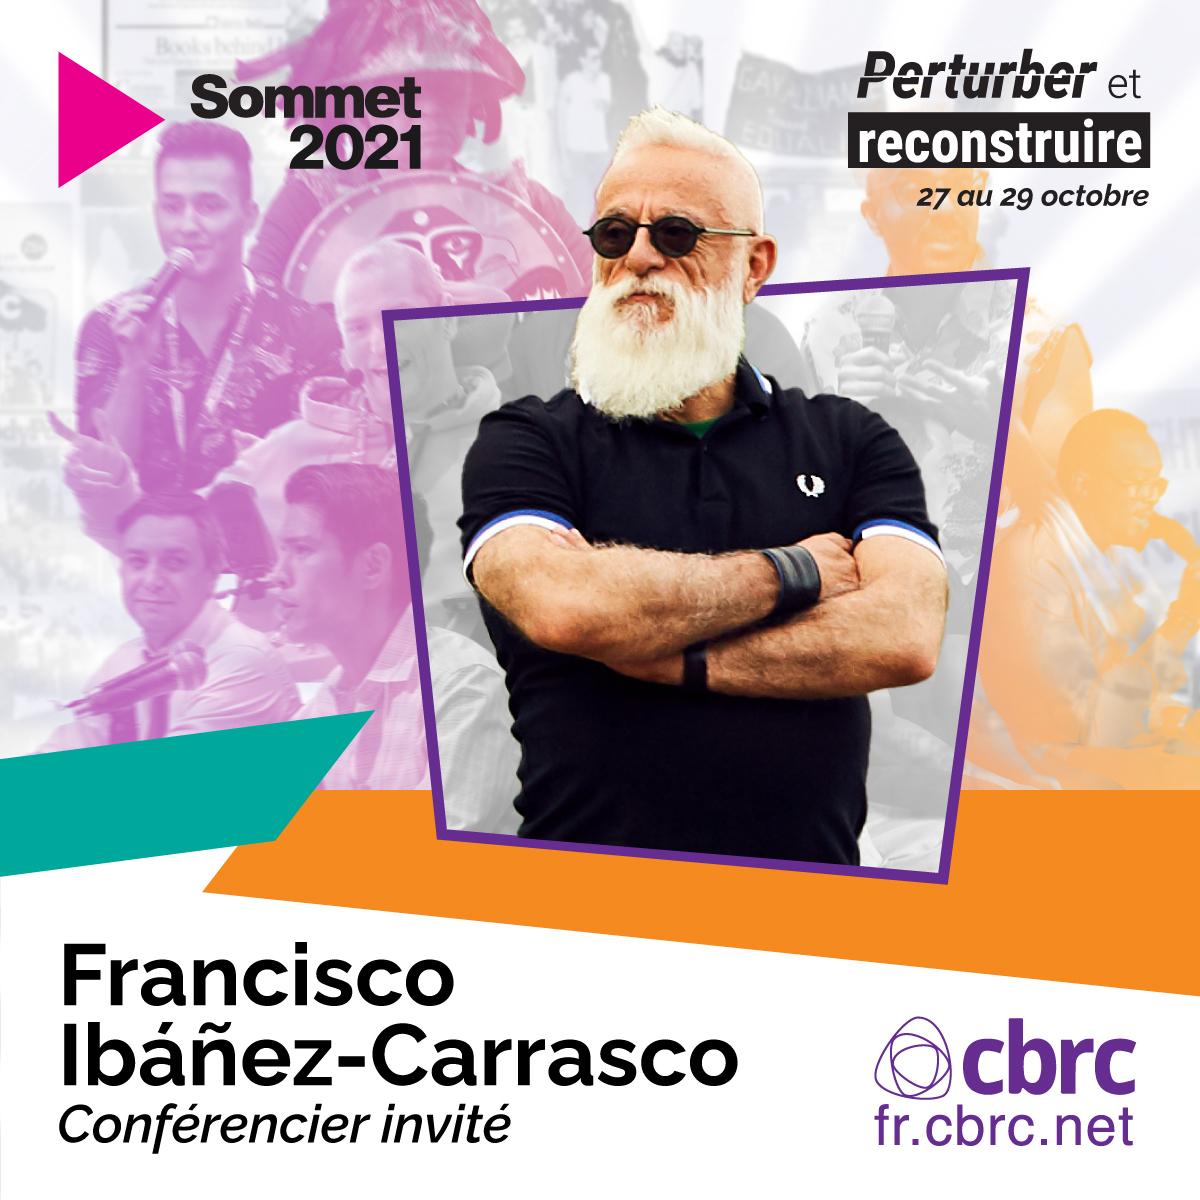 Francisco-keynote-fr.jpg